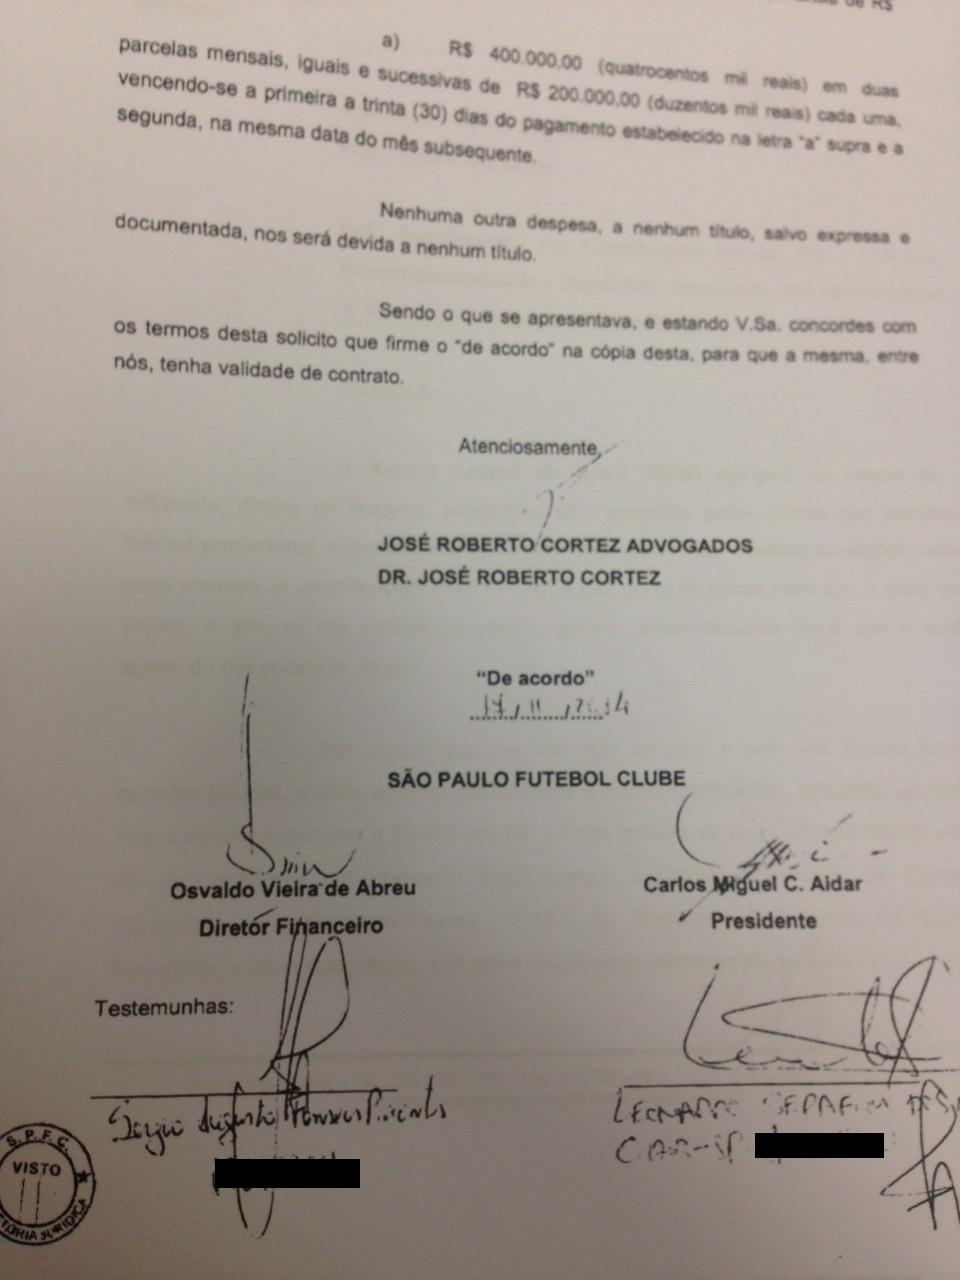 Assinaturas de Aidar, Serafim e Abreu constam em dois dos documentos feitos com Cortez